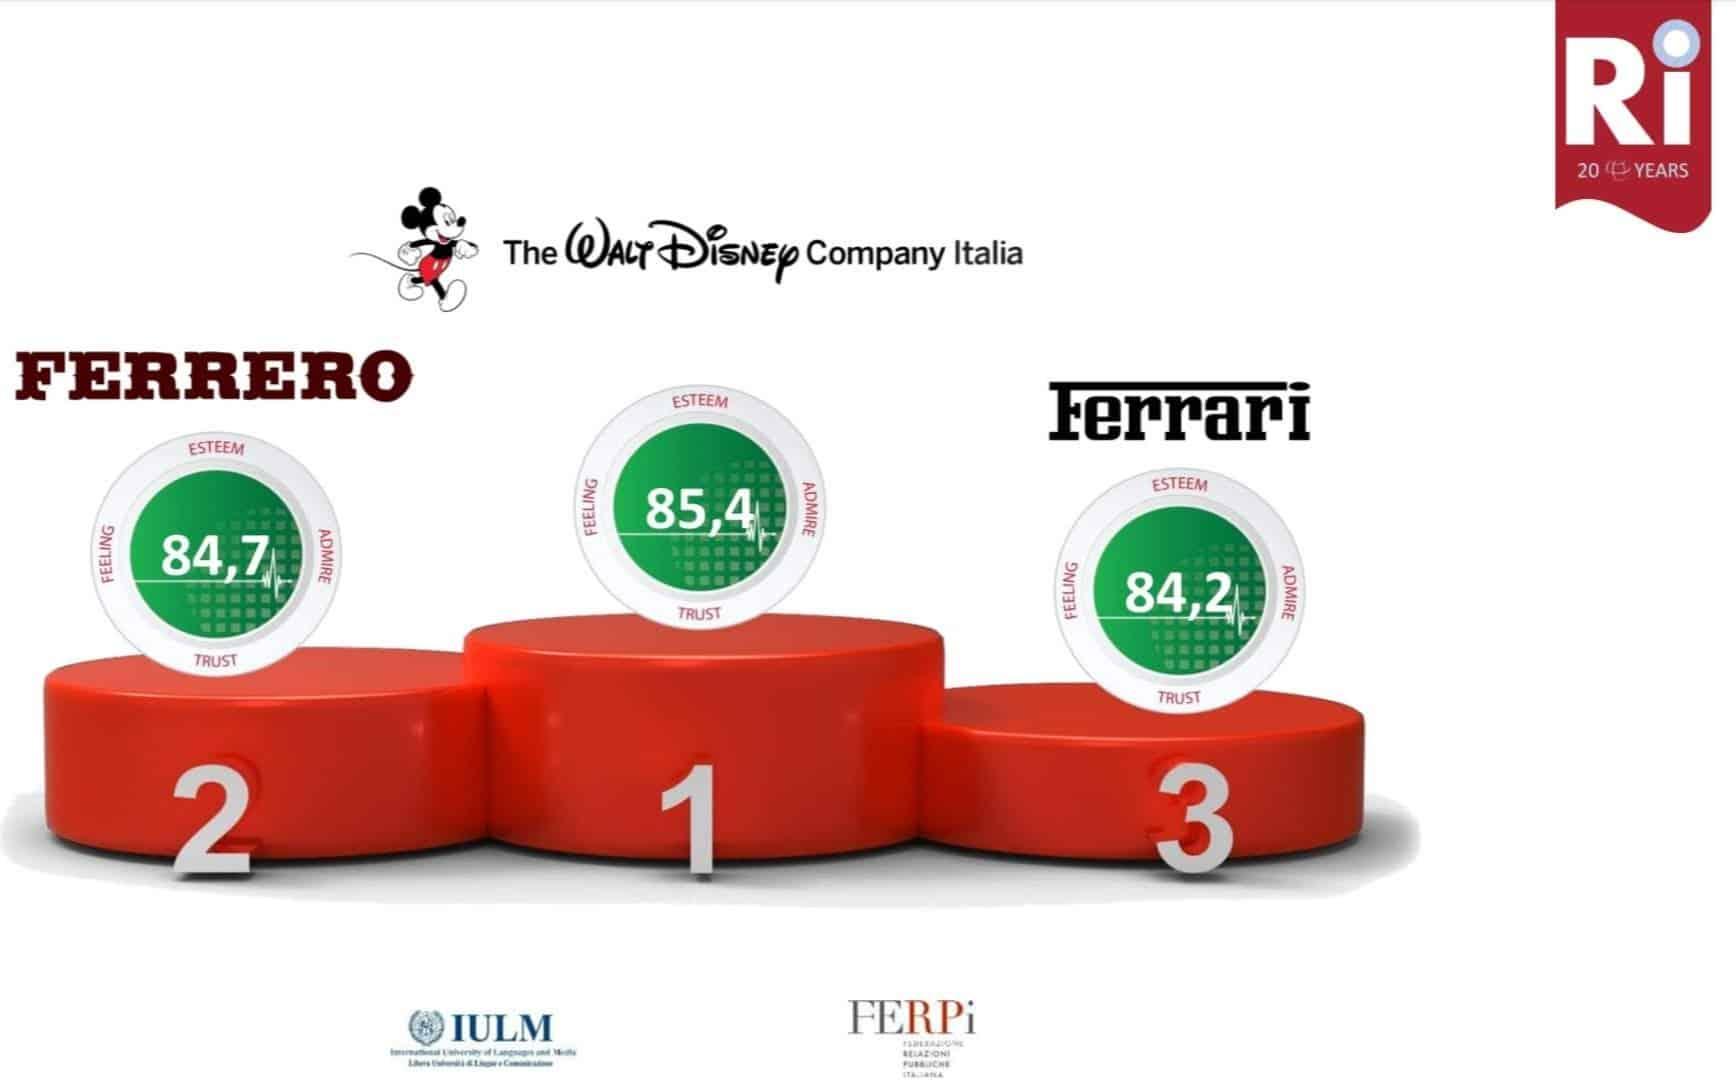 Walt Disney Miglior reputazione Italia 2017